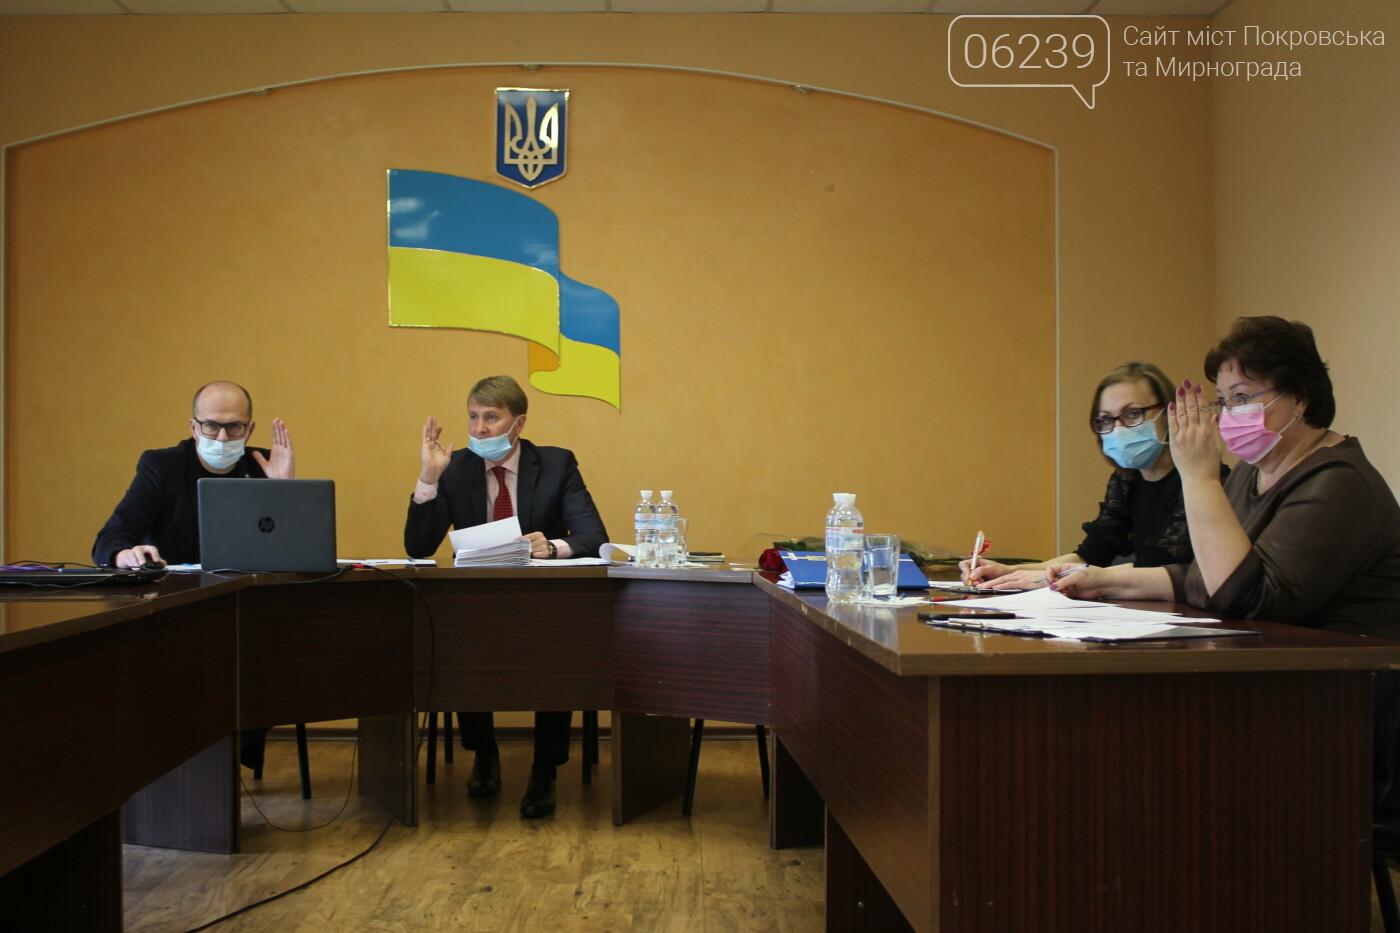 В Мирнограде продлили срок действия туристического сбора еще на год, фото-2